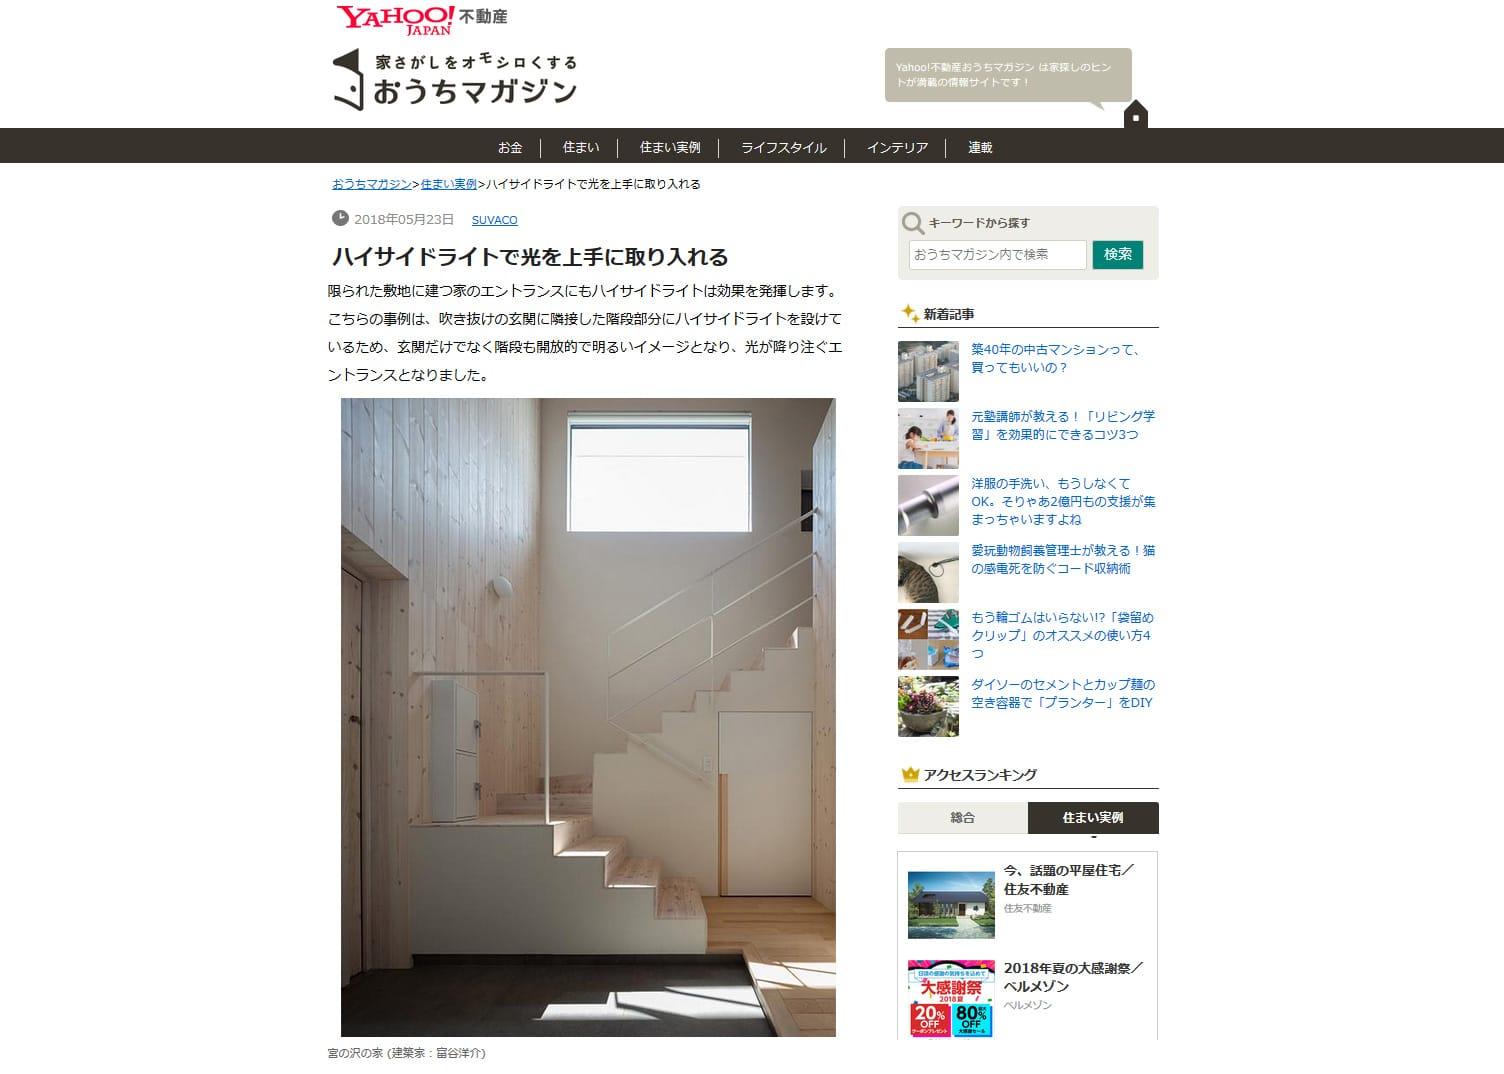 Yahoo!不動産 おうちマガジン記事